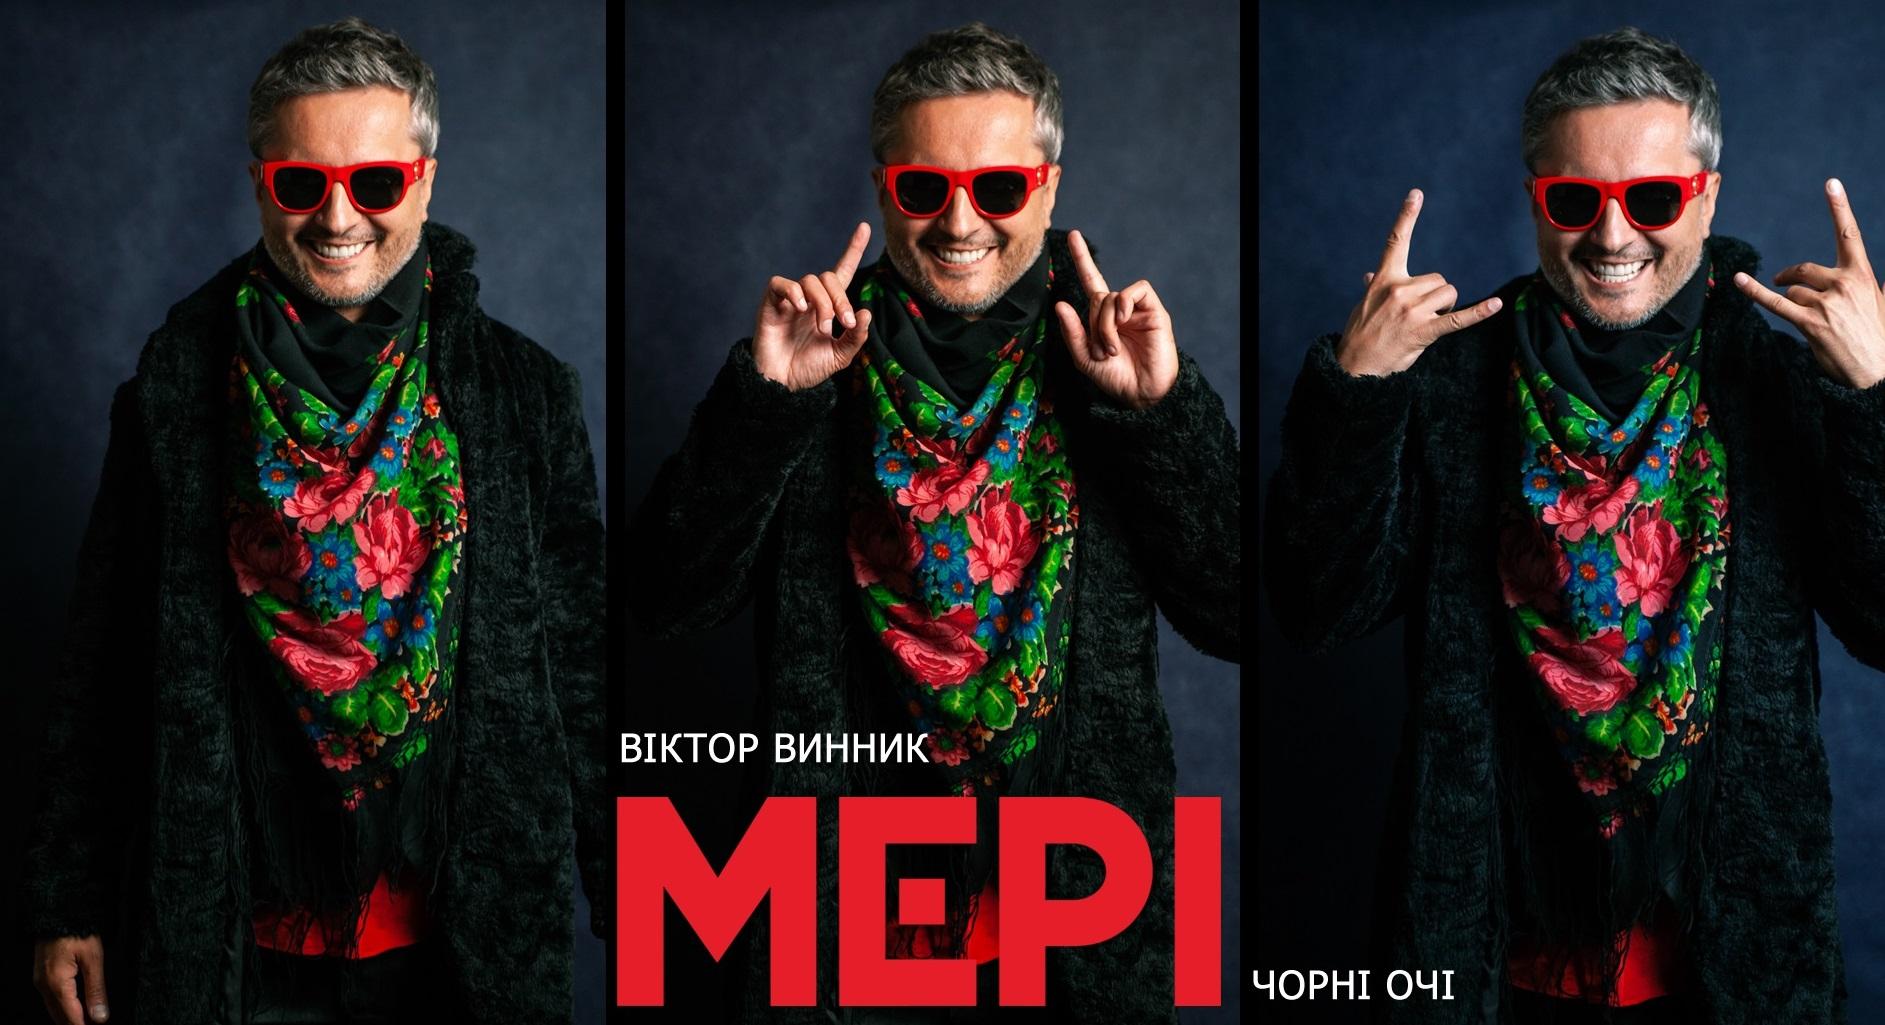 Віктор Винник та гурт МЕРІ презентували нову пісню та яскраве лірик-відео